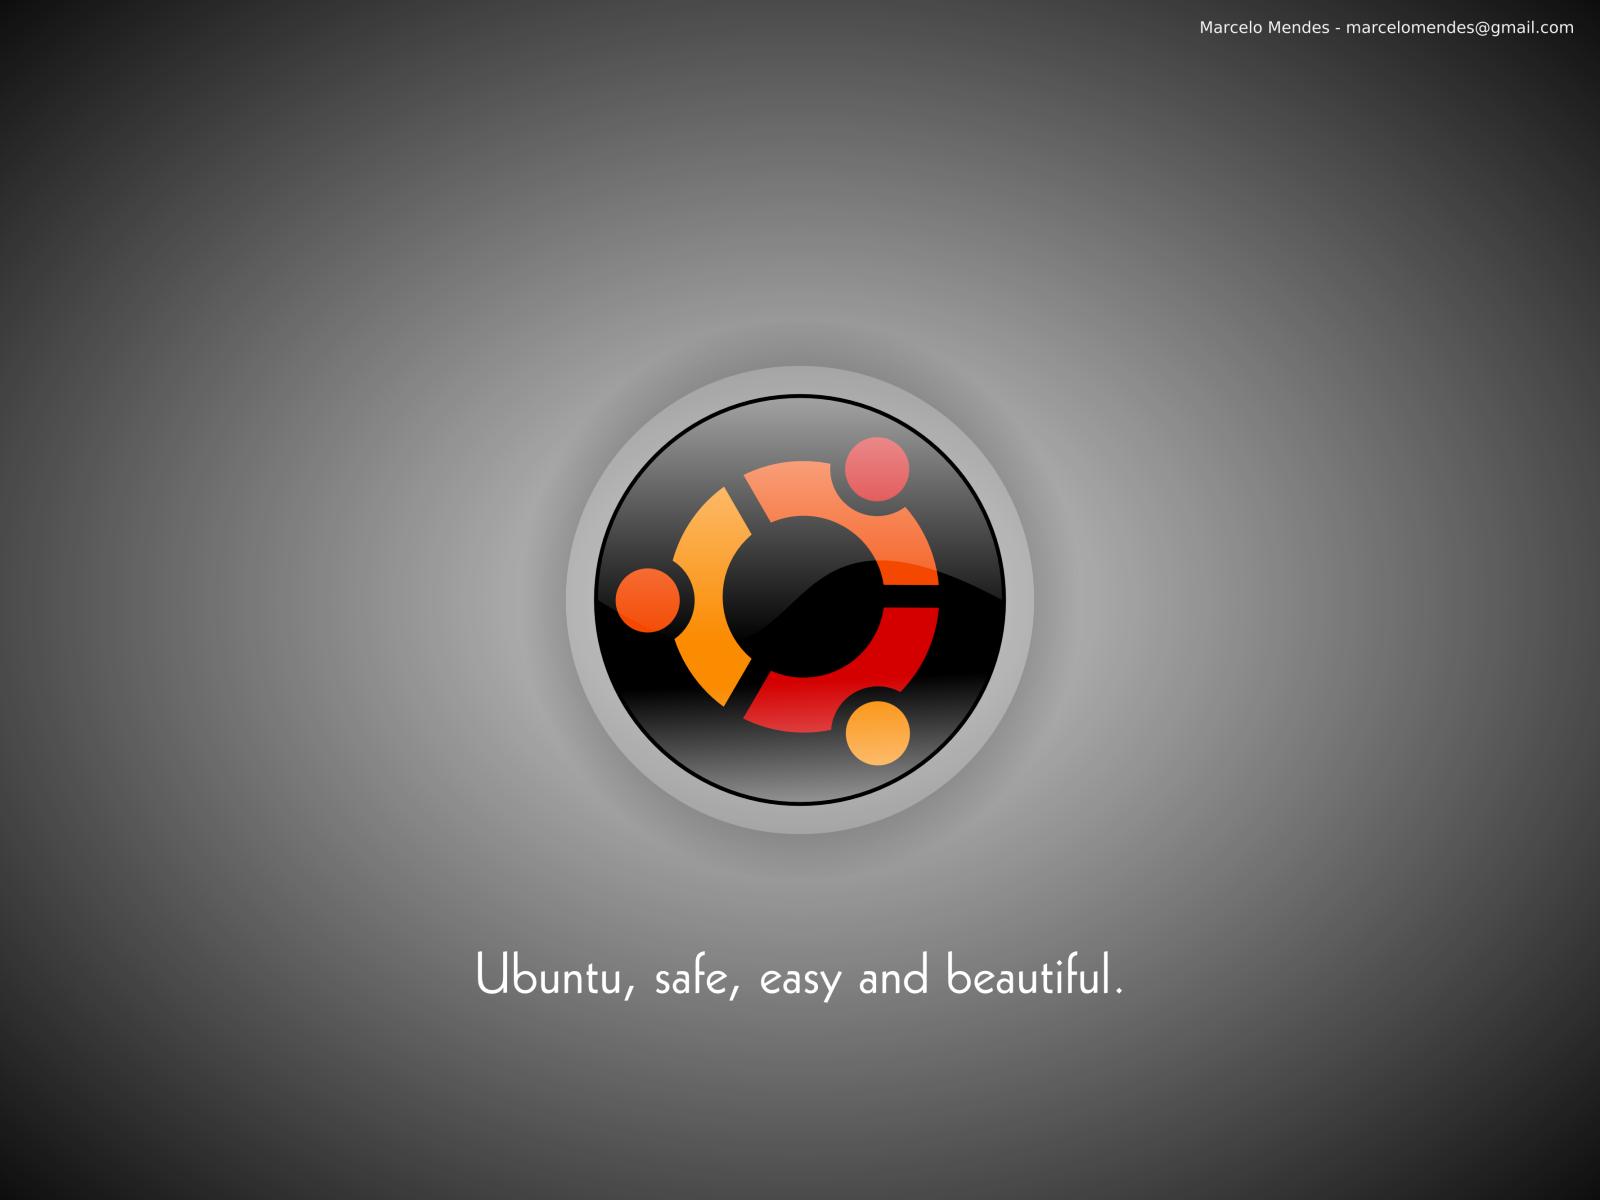 Belajar, Buku Gratis, Download, Download Ebook, Download Ebook Gratis, Tutorial, Ubuntu,